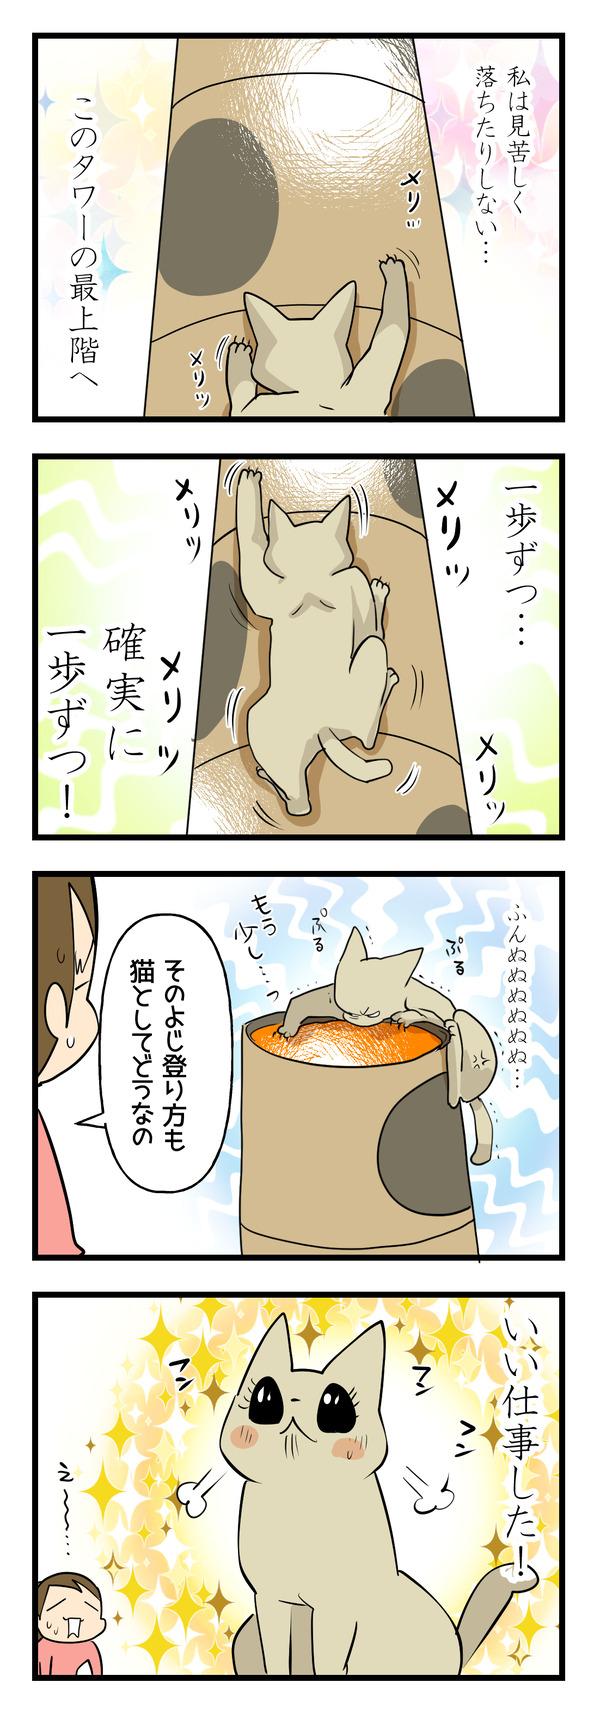 猫の運動神経4